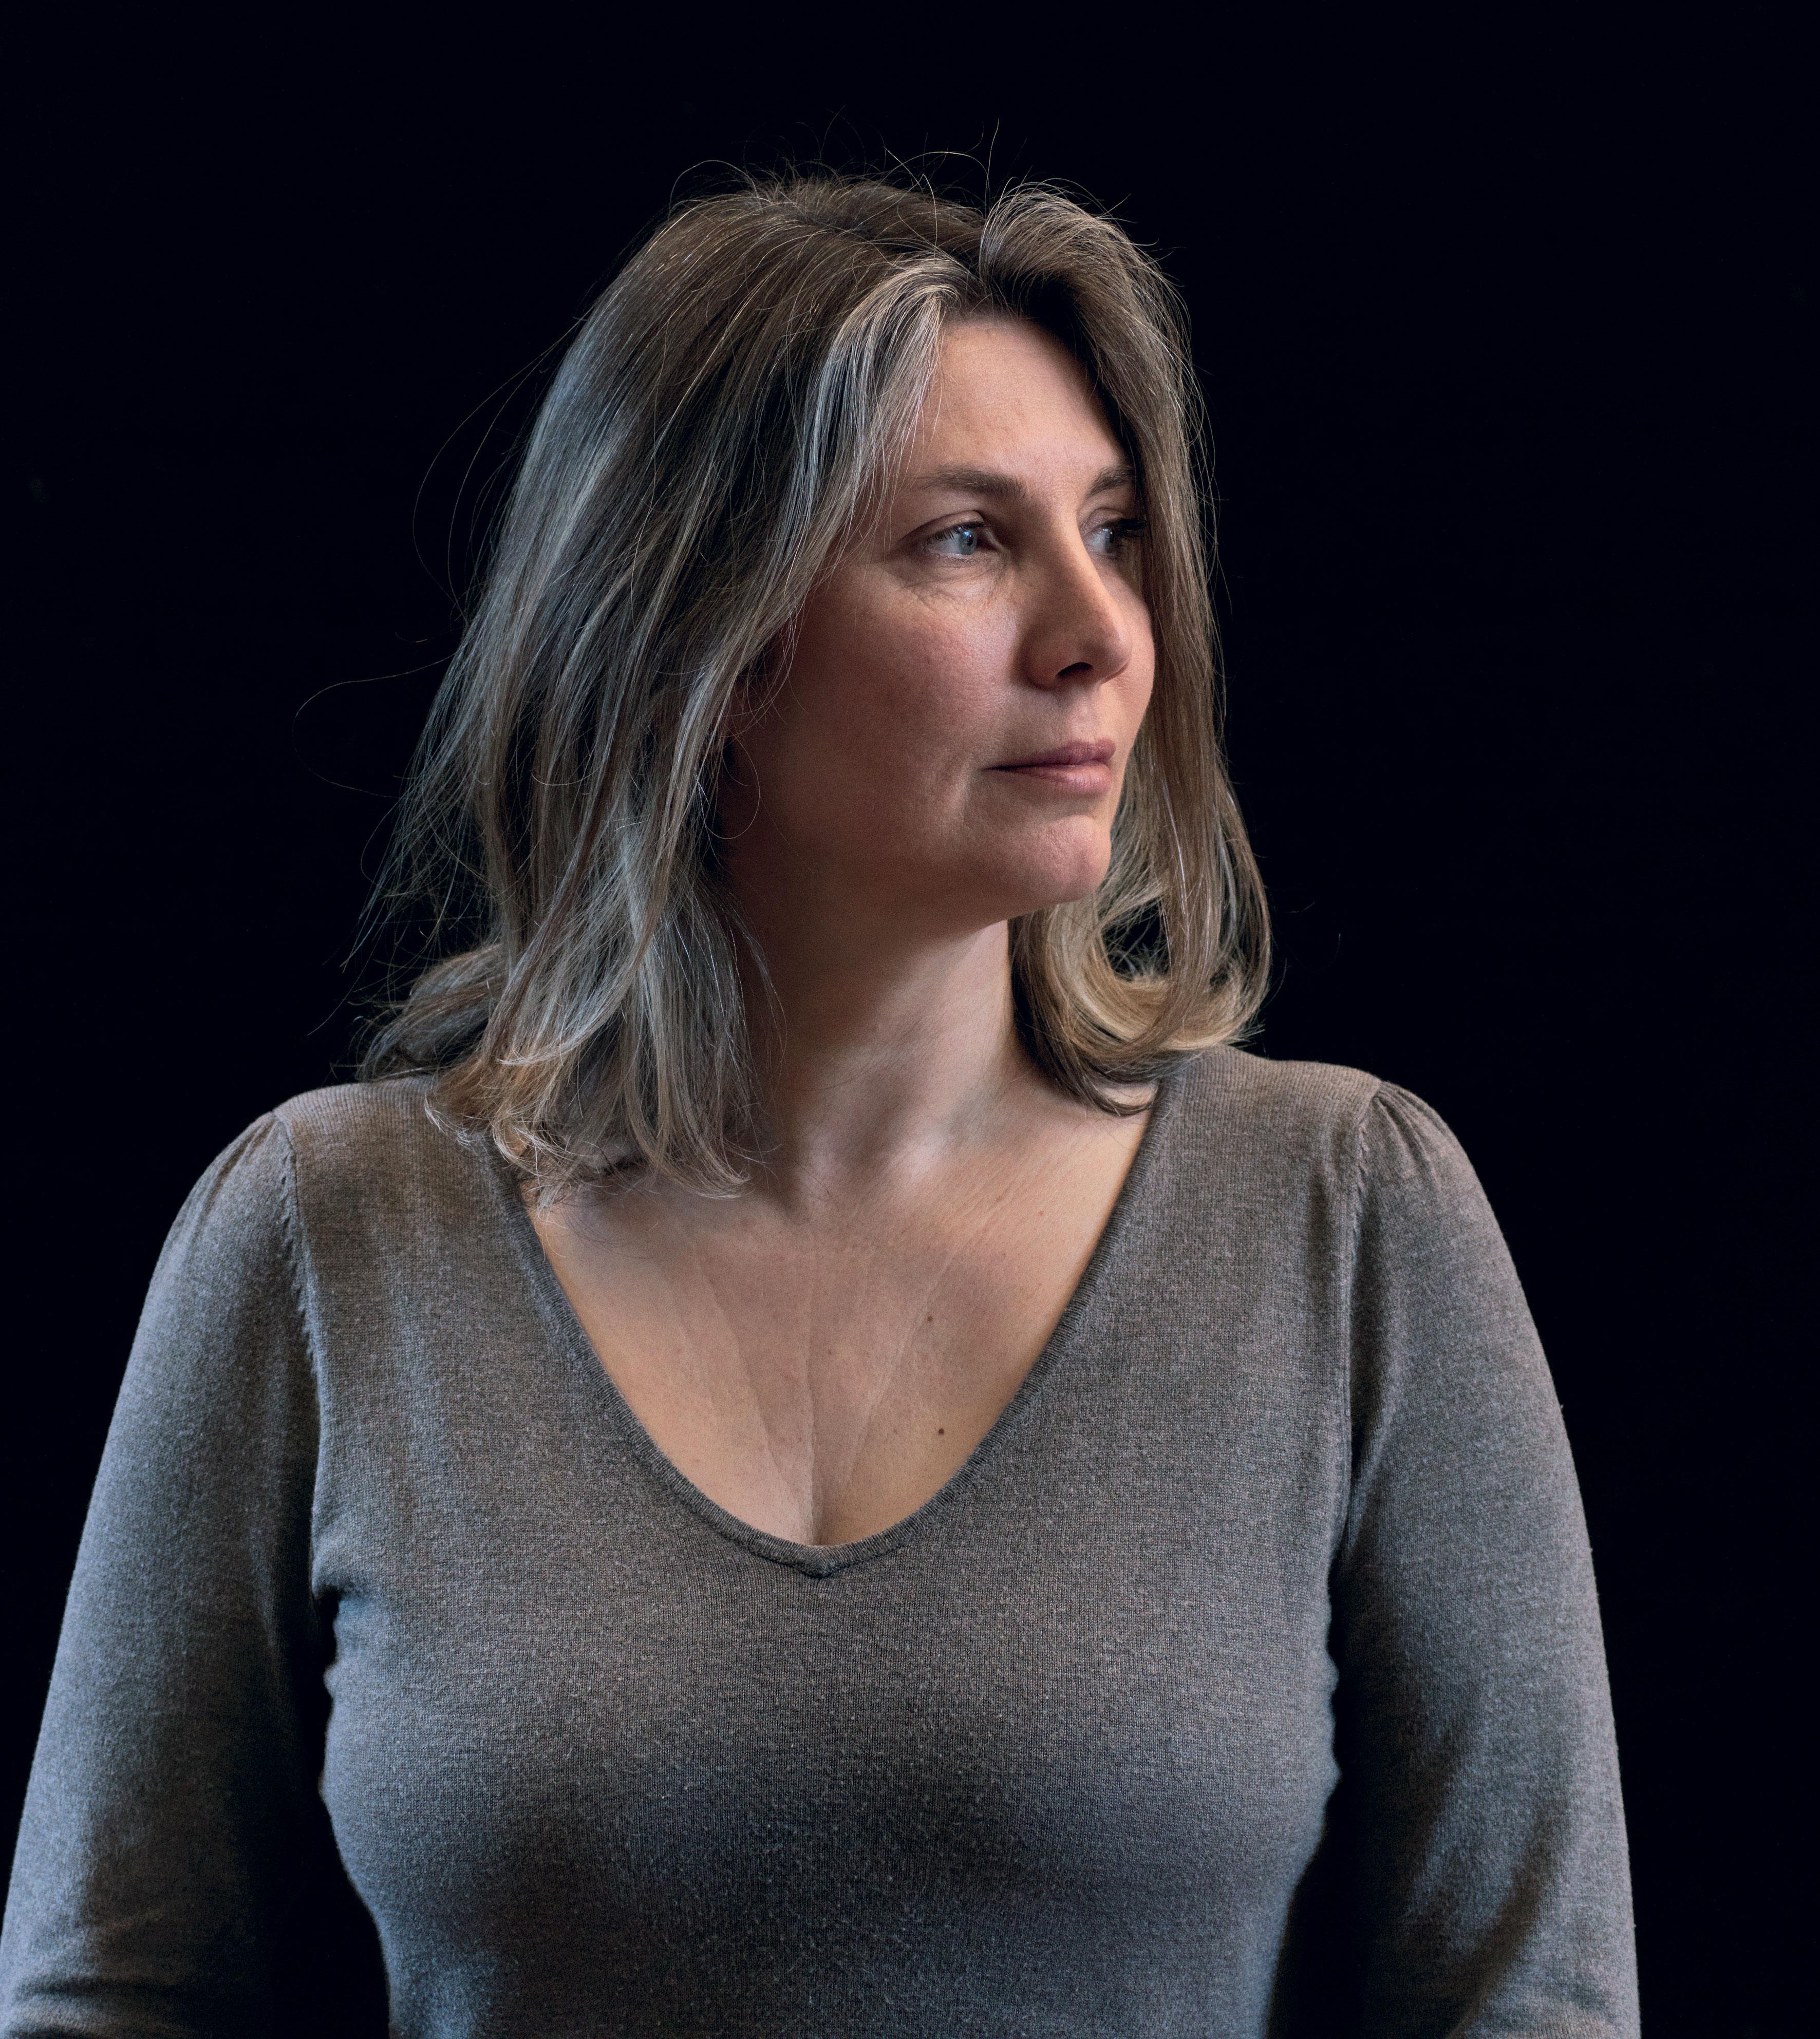 Jacqueline Marcel